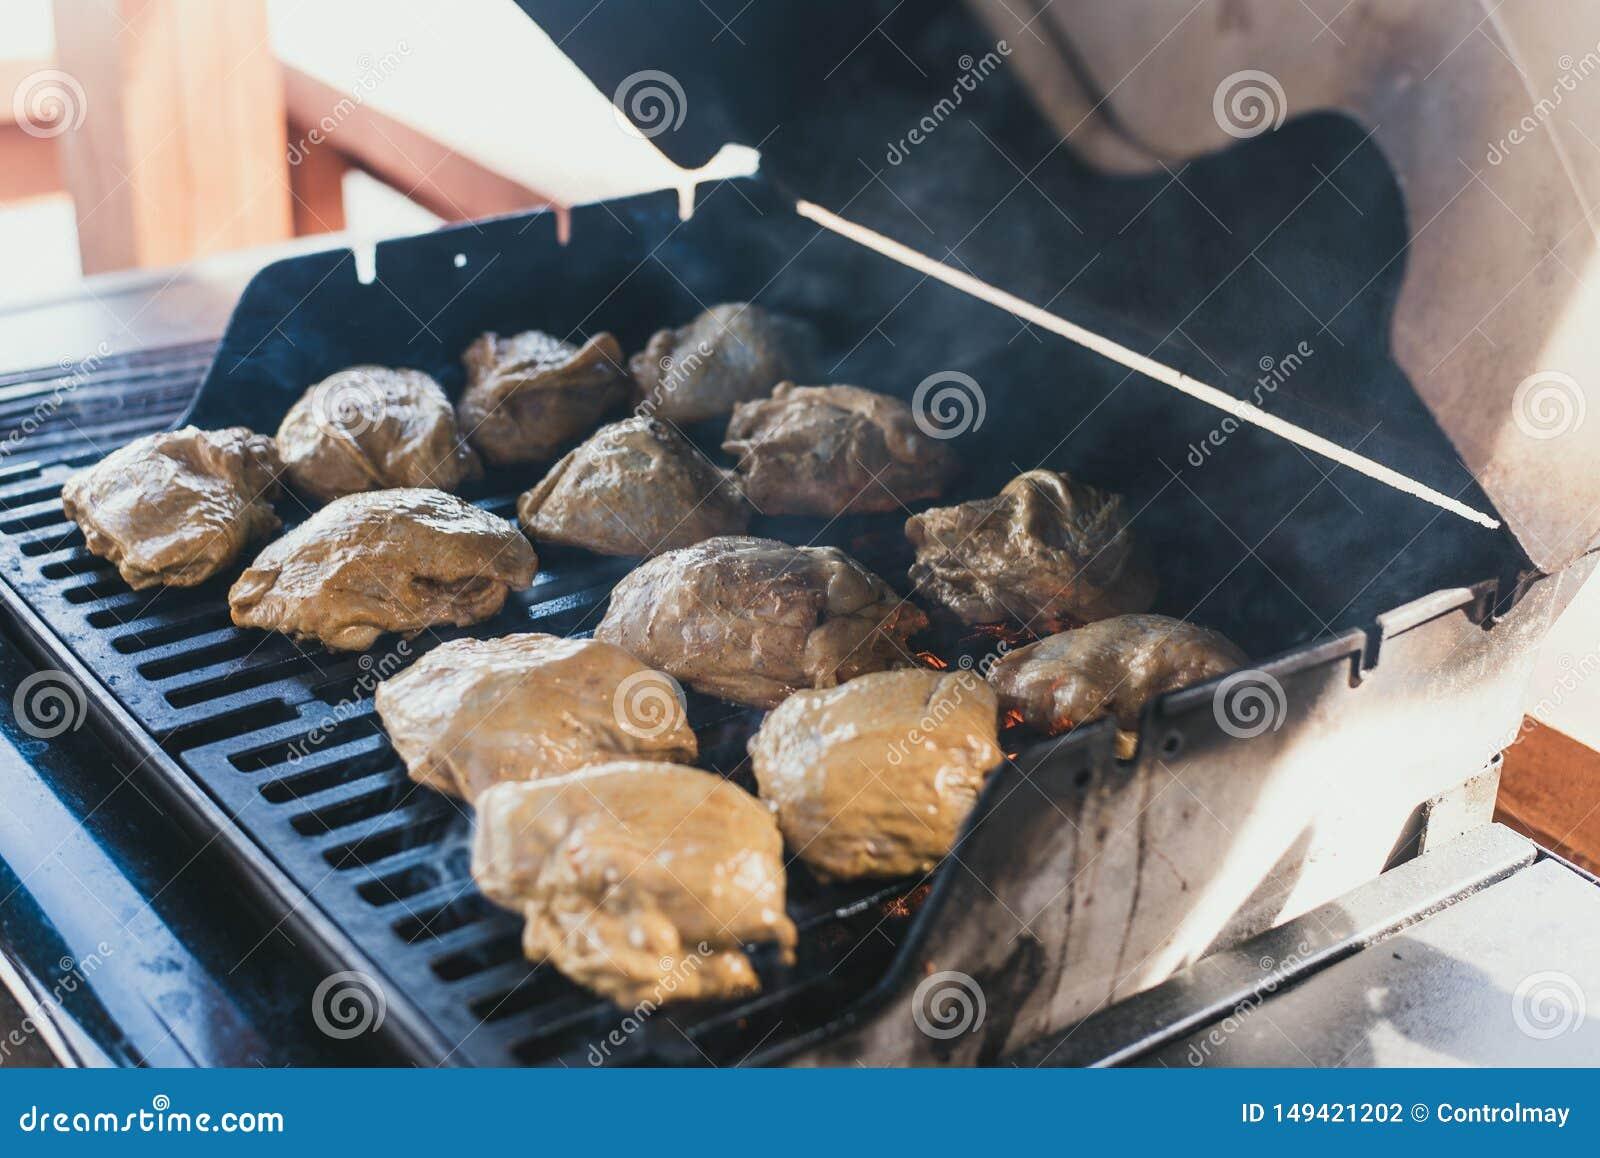 ψημένο στη σχάρα κοτόπουλο σε ένα πικ-νίκ Το άτομο έβαλε το κοτόπουλο στο μαρινάρισμα στη σχάρα για την προετοιμασία του Ολόκληρα